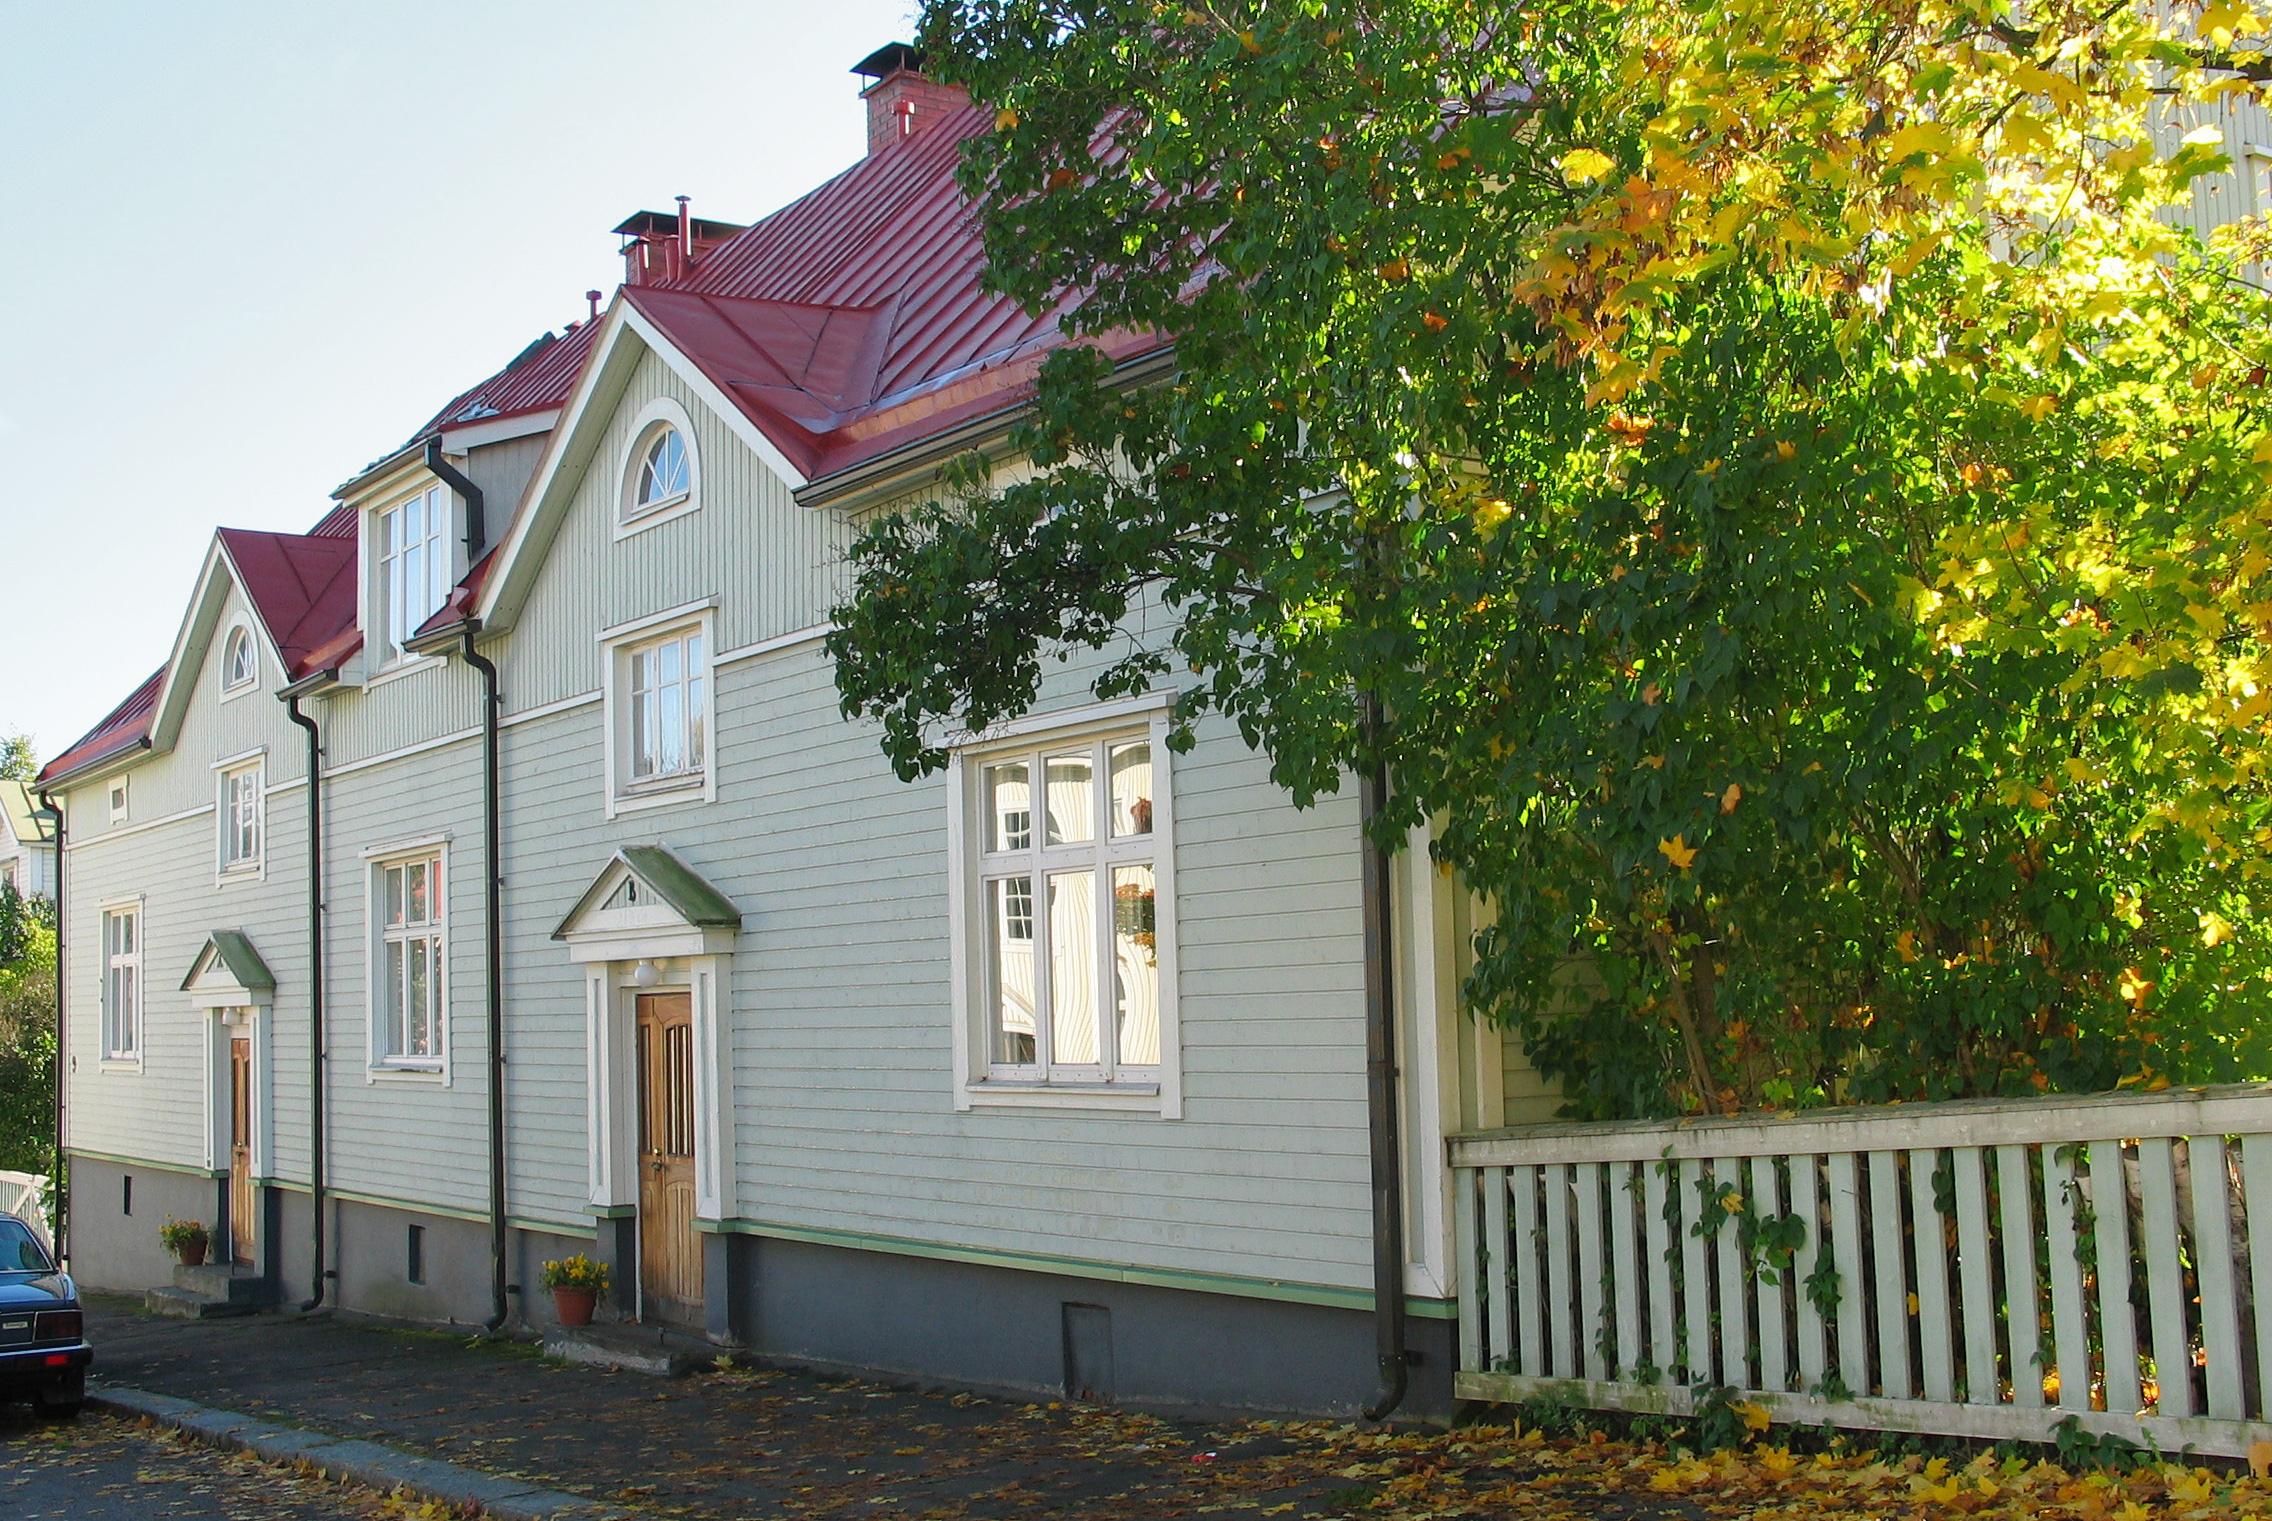 Vuokra-asunnot Tampereella Pyynikilla